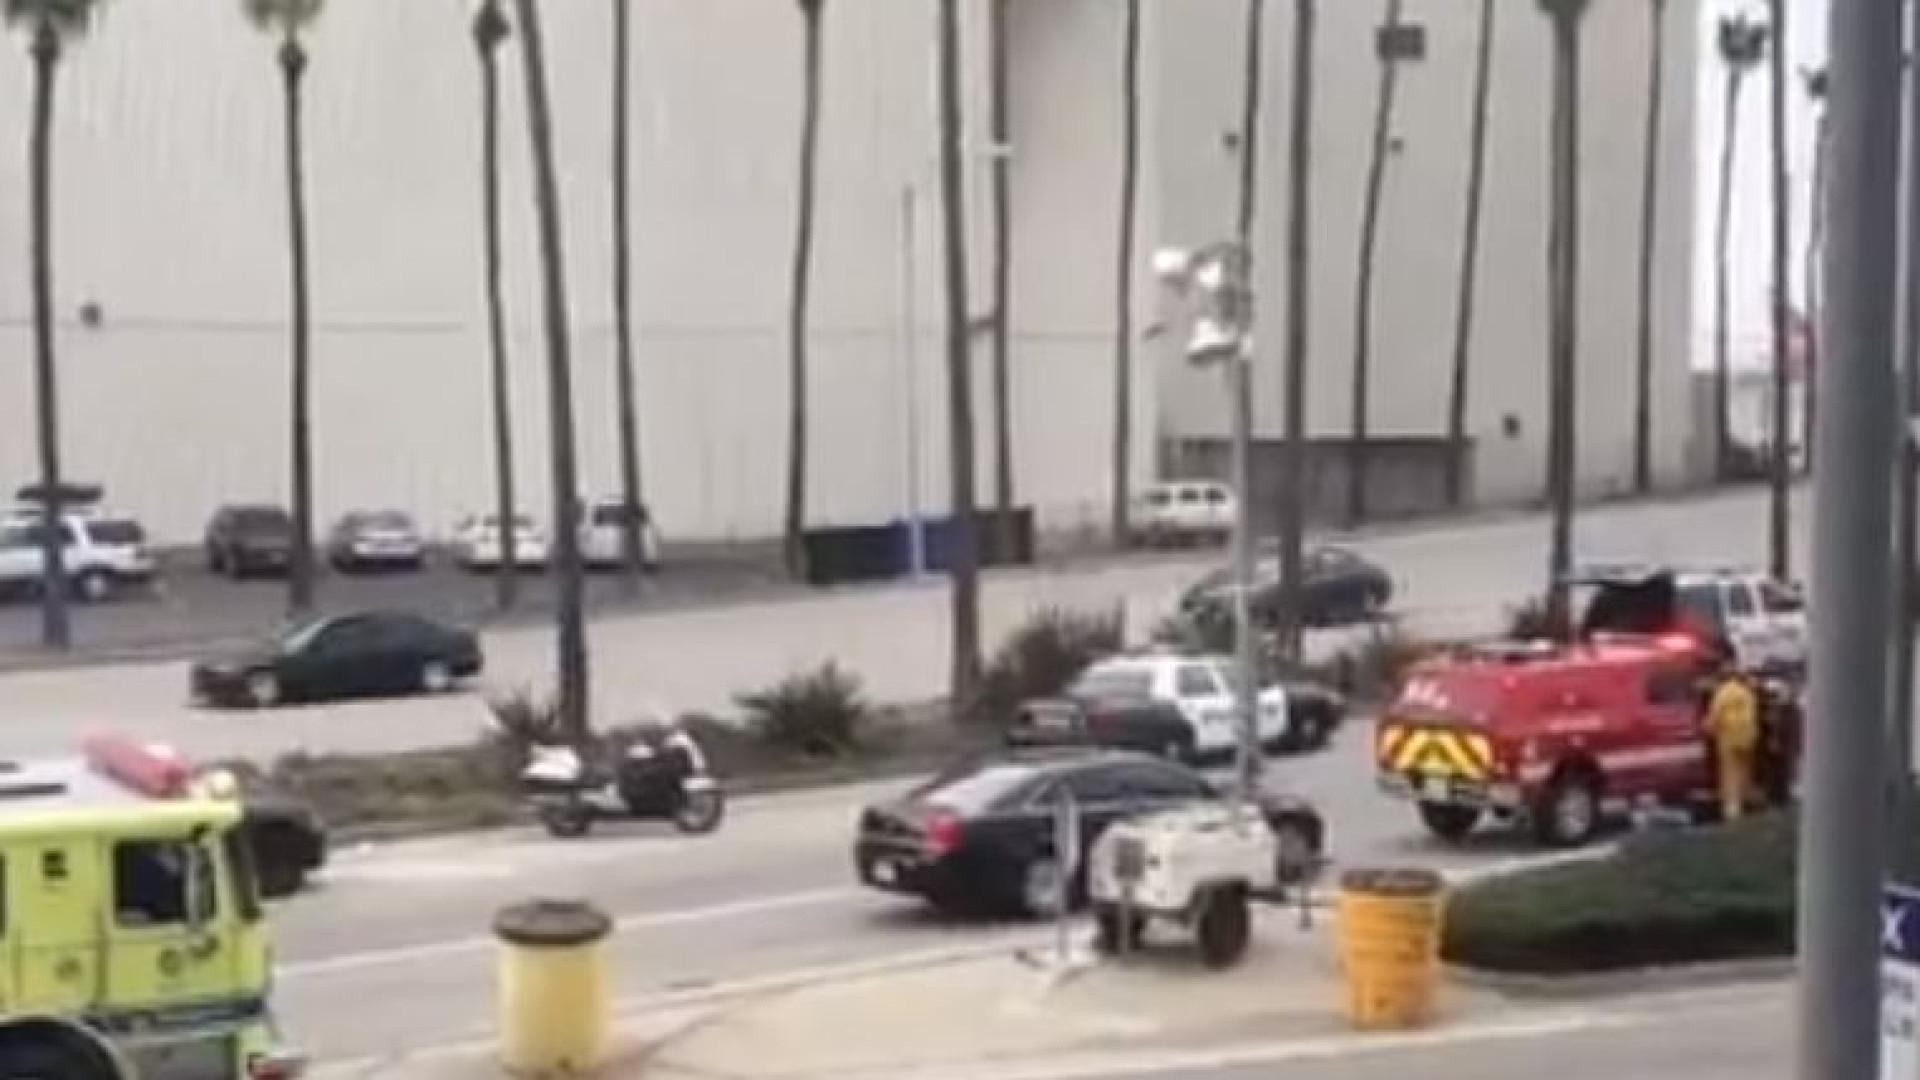 Homem detido perto do aeroporto de Los Angeles. Tinha armas na carrinha